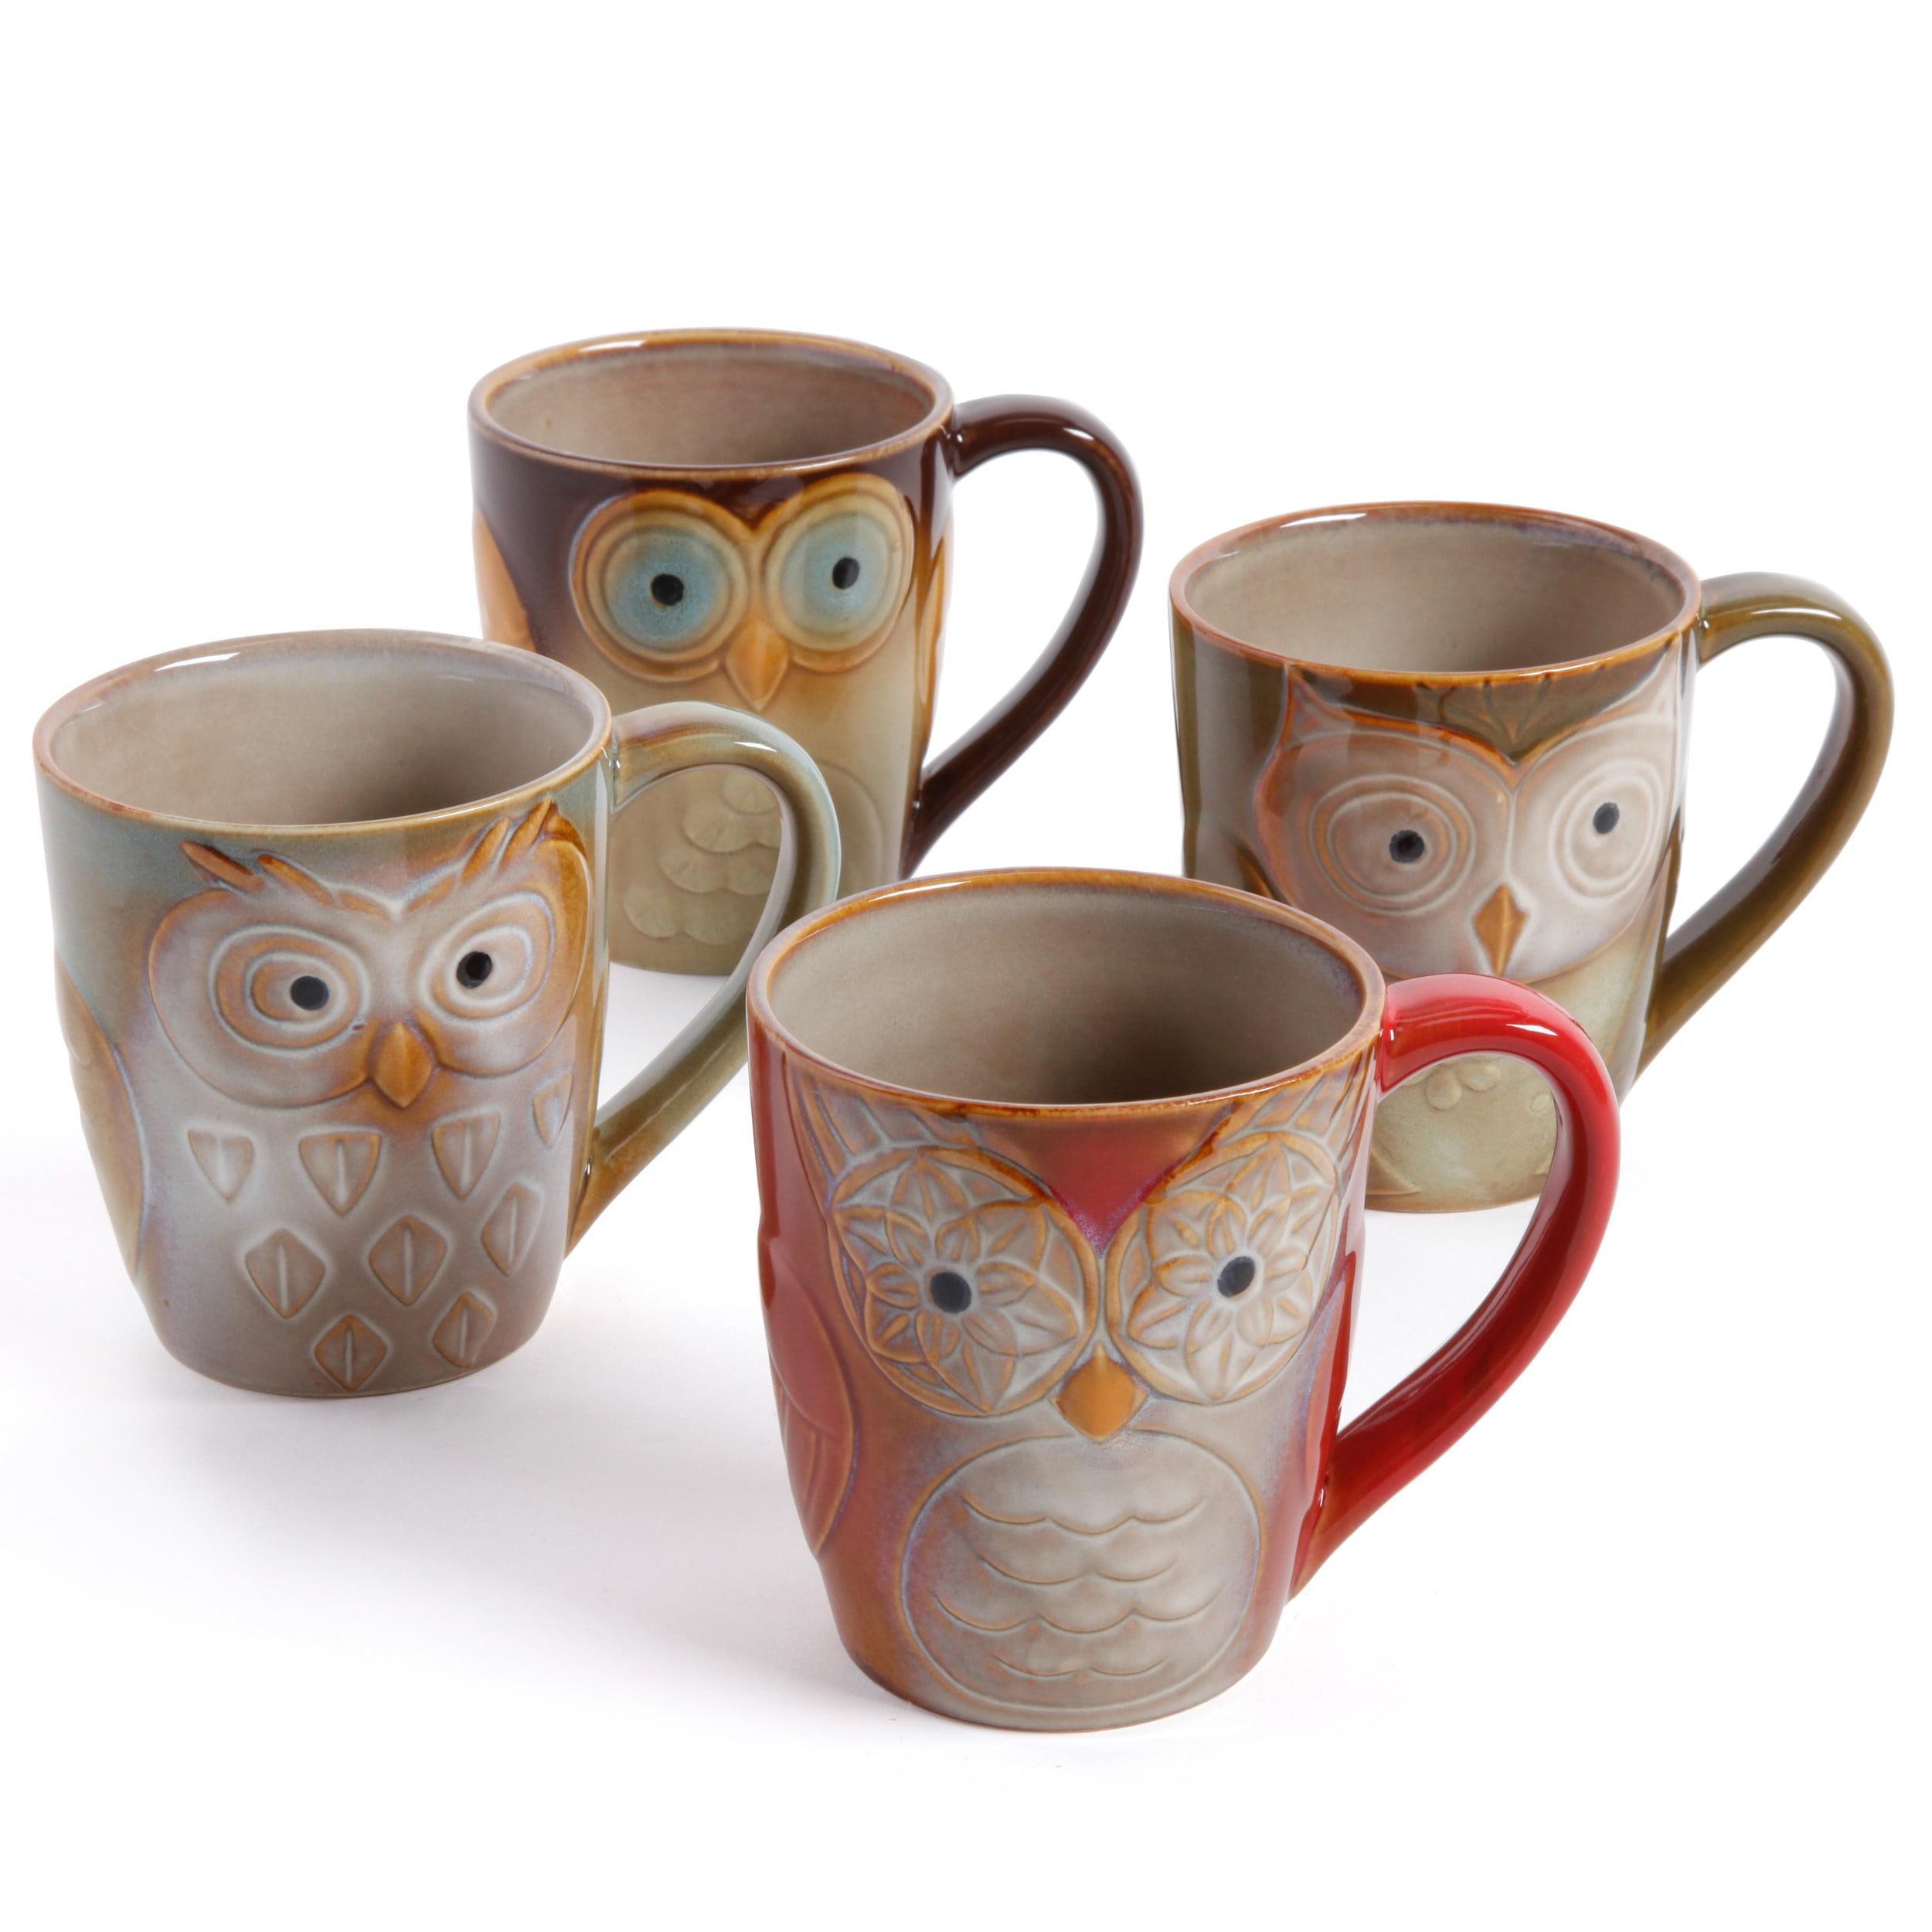 Gibson Home Night Owls 4 Piece Mug Set Walmart Com Walmart Com